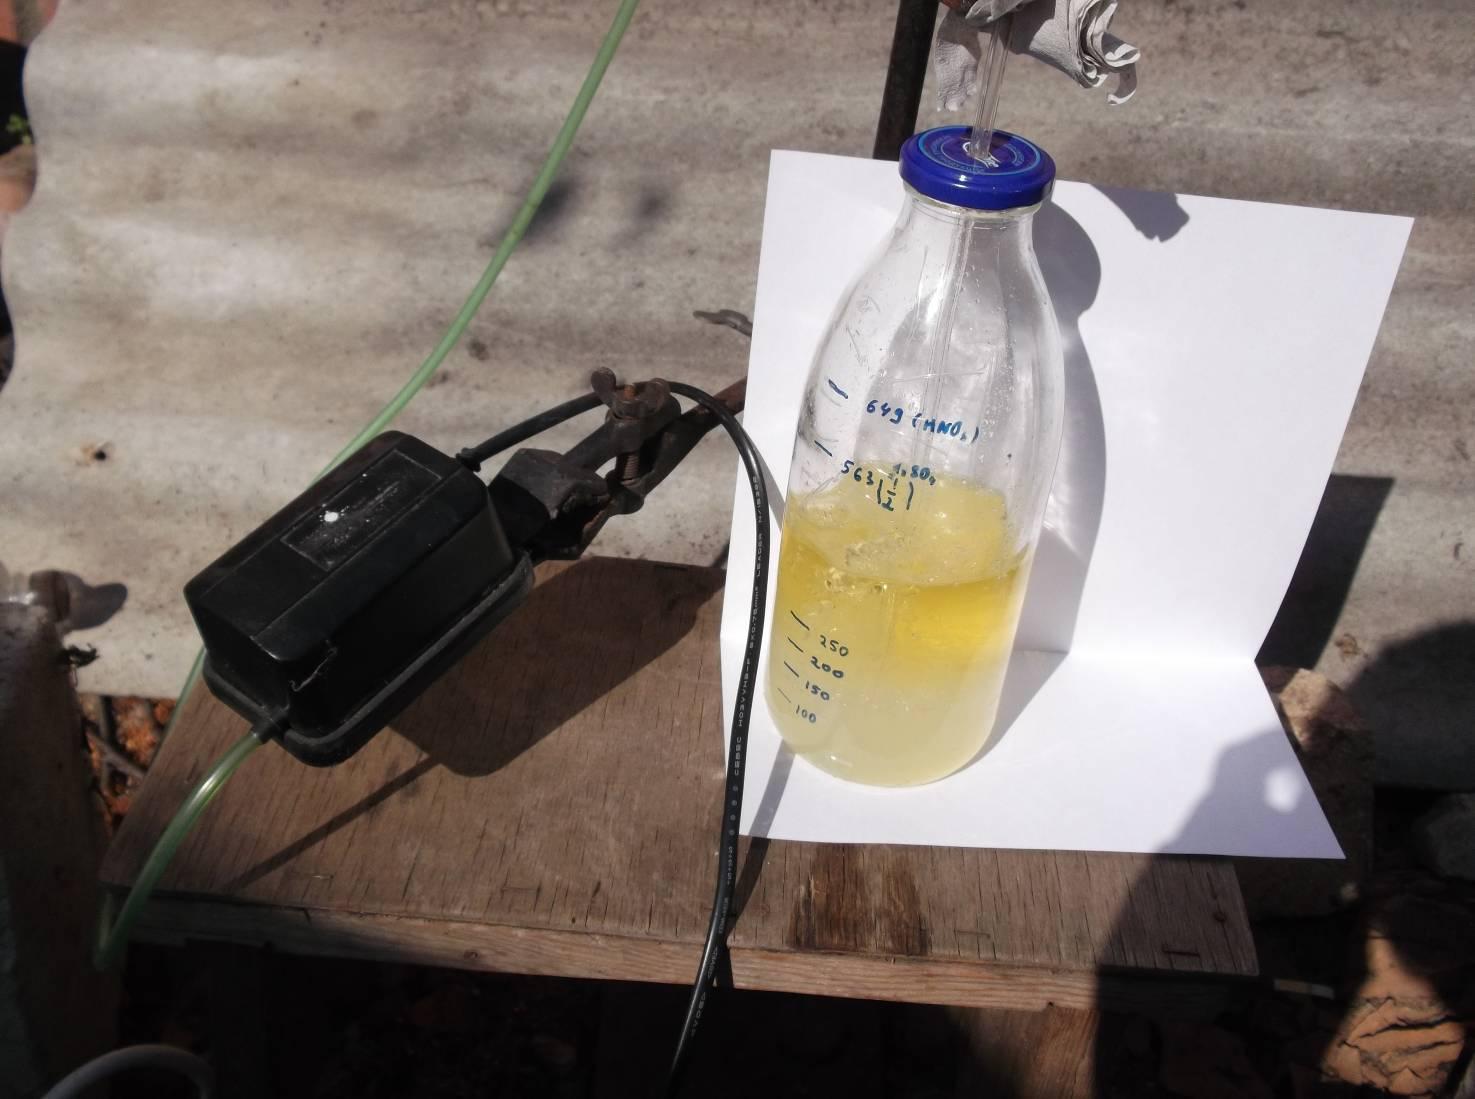 Промывка нитроглицерина раствором соды